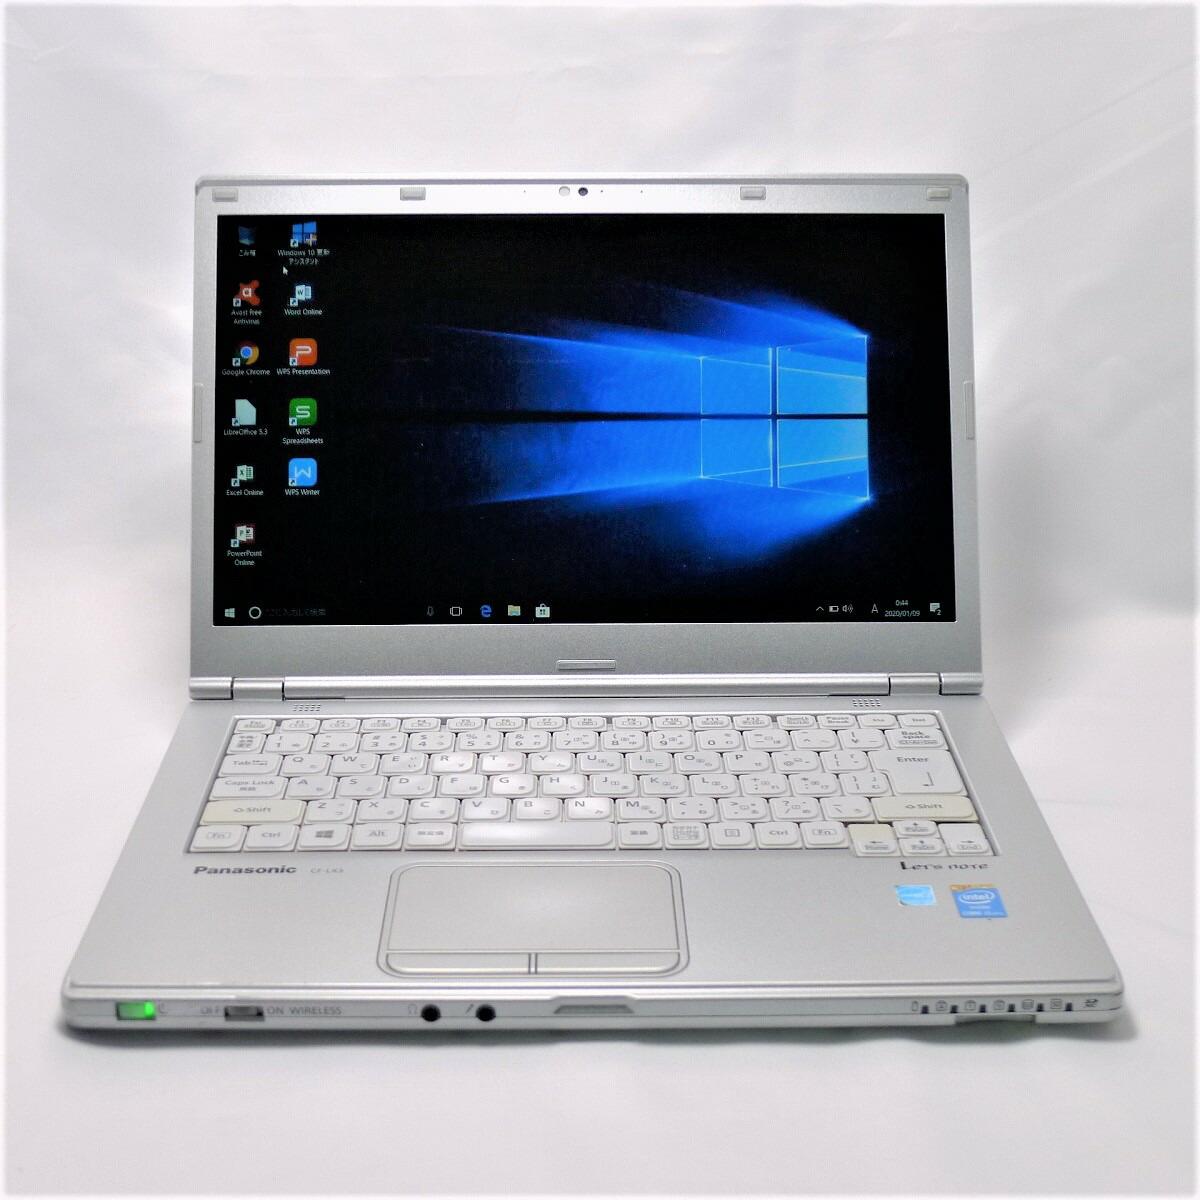 パナソニック Panasonic Let's note CF-LX3 Core i5 8GB 新品SSD960GB 無線LAN Windows10 64bitWPSOffice 14インチ 中古 中古パソコン モバイルノート 【中古】